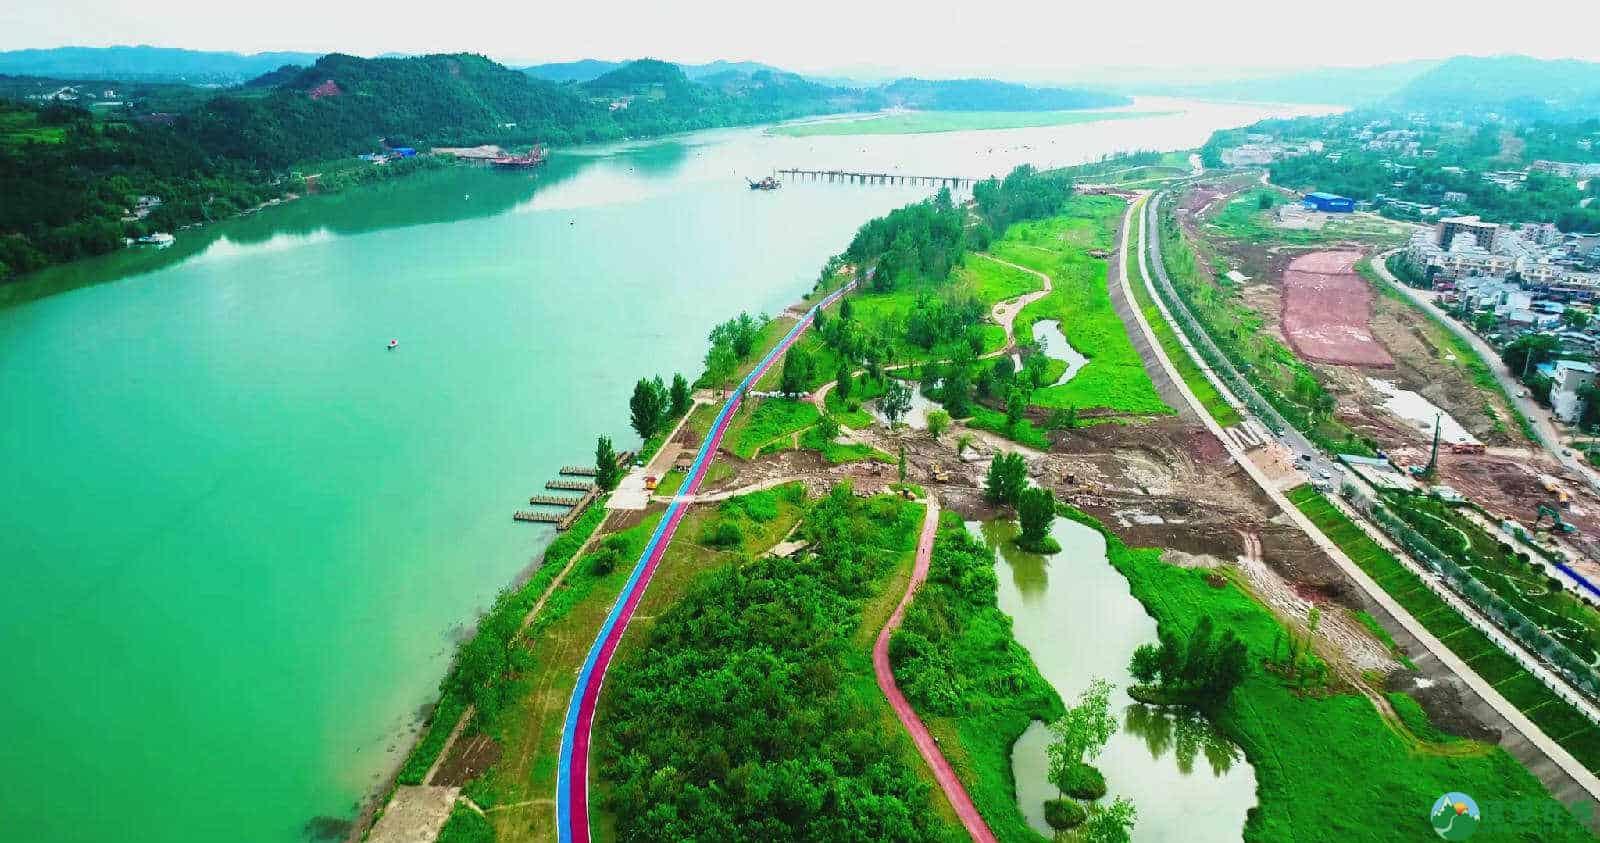 蓬安锦屏湿地公园双色跑道 - 第9张  | 蓬安在线